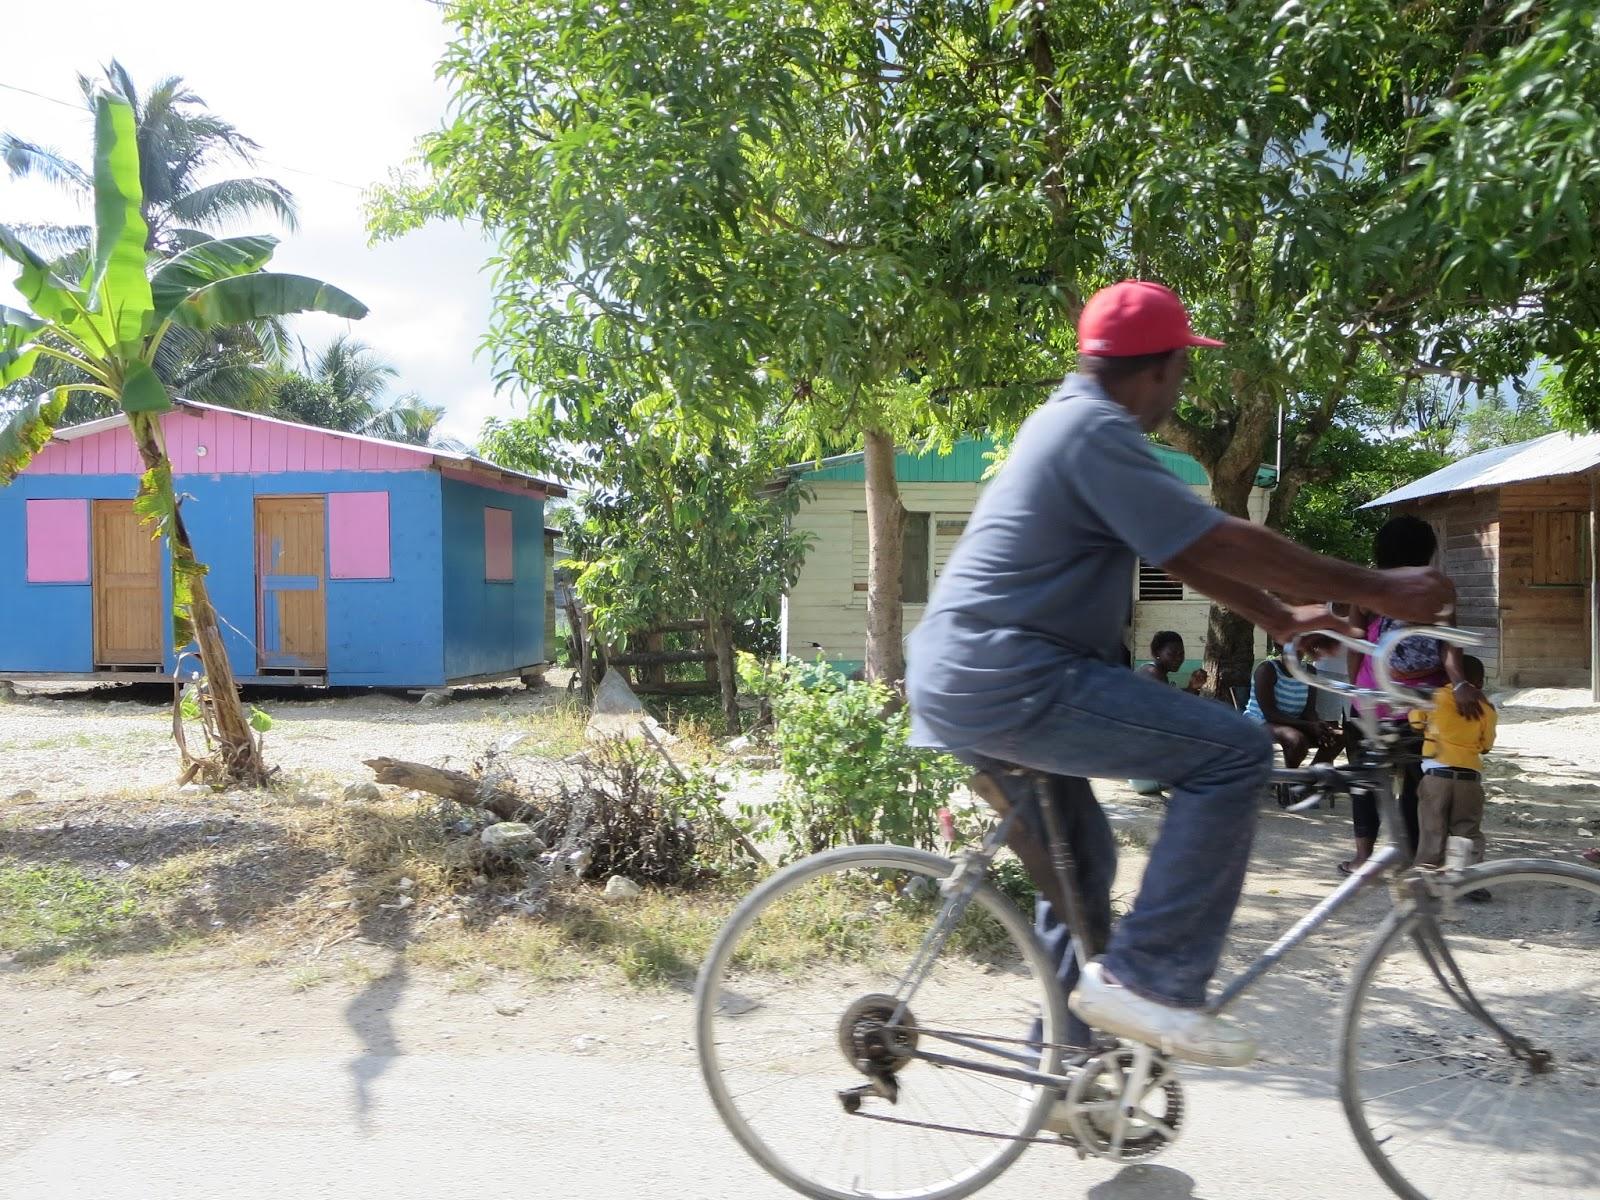 Jamaïque authentique: visite de Black River